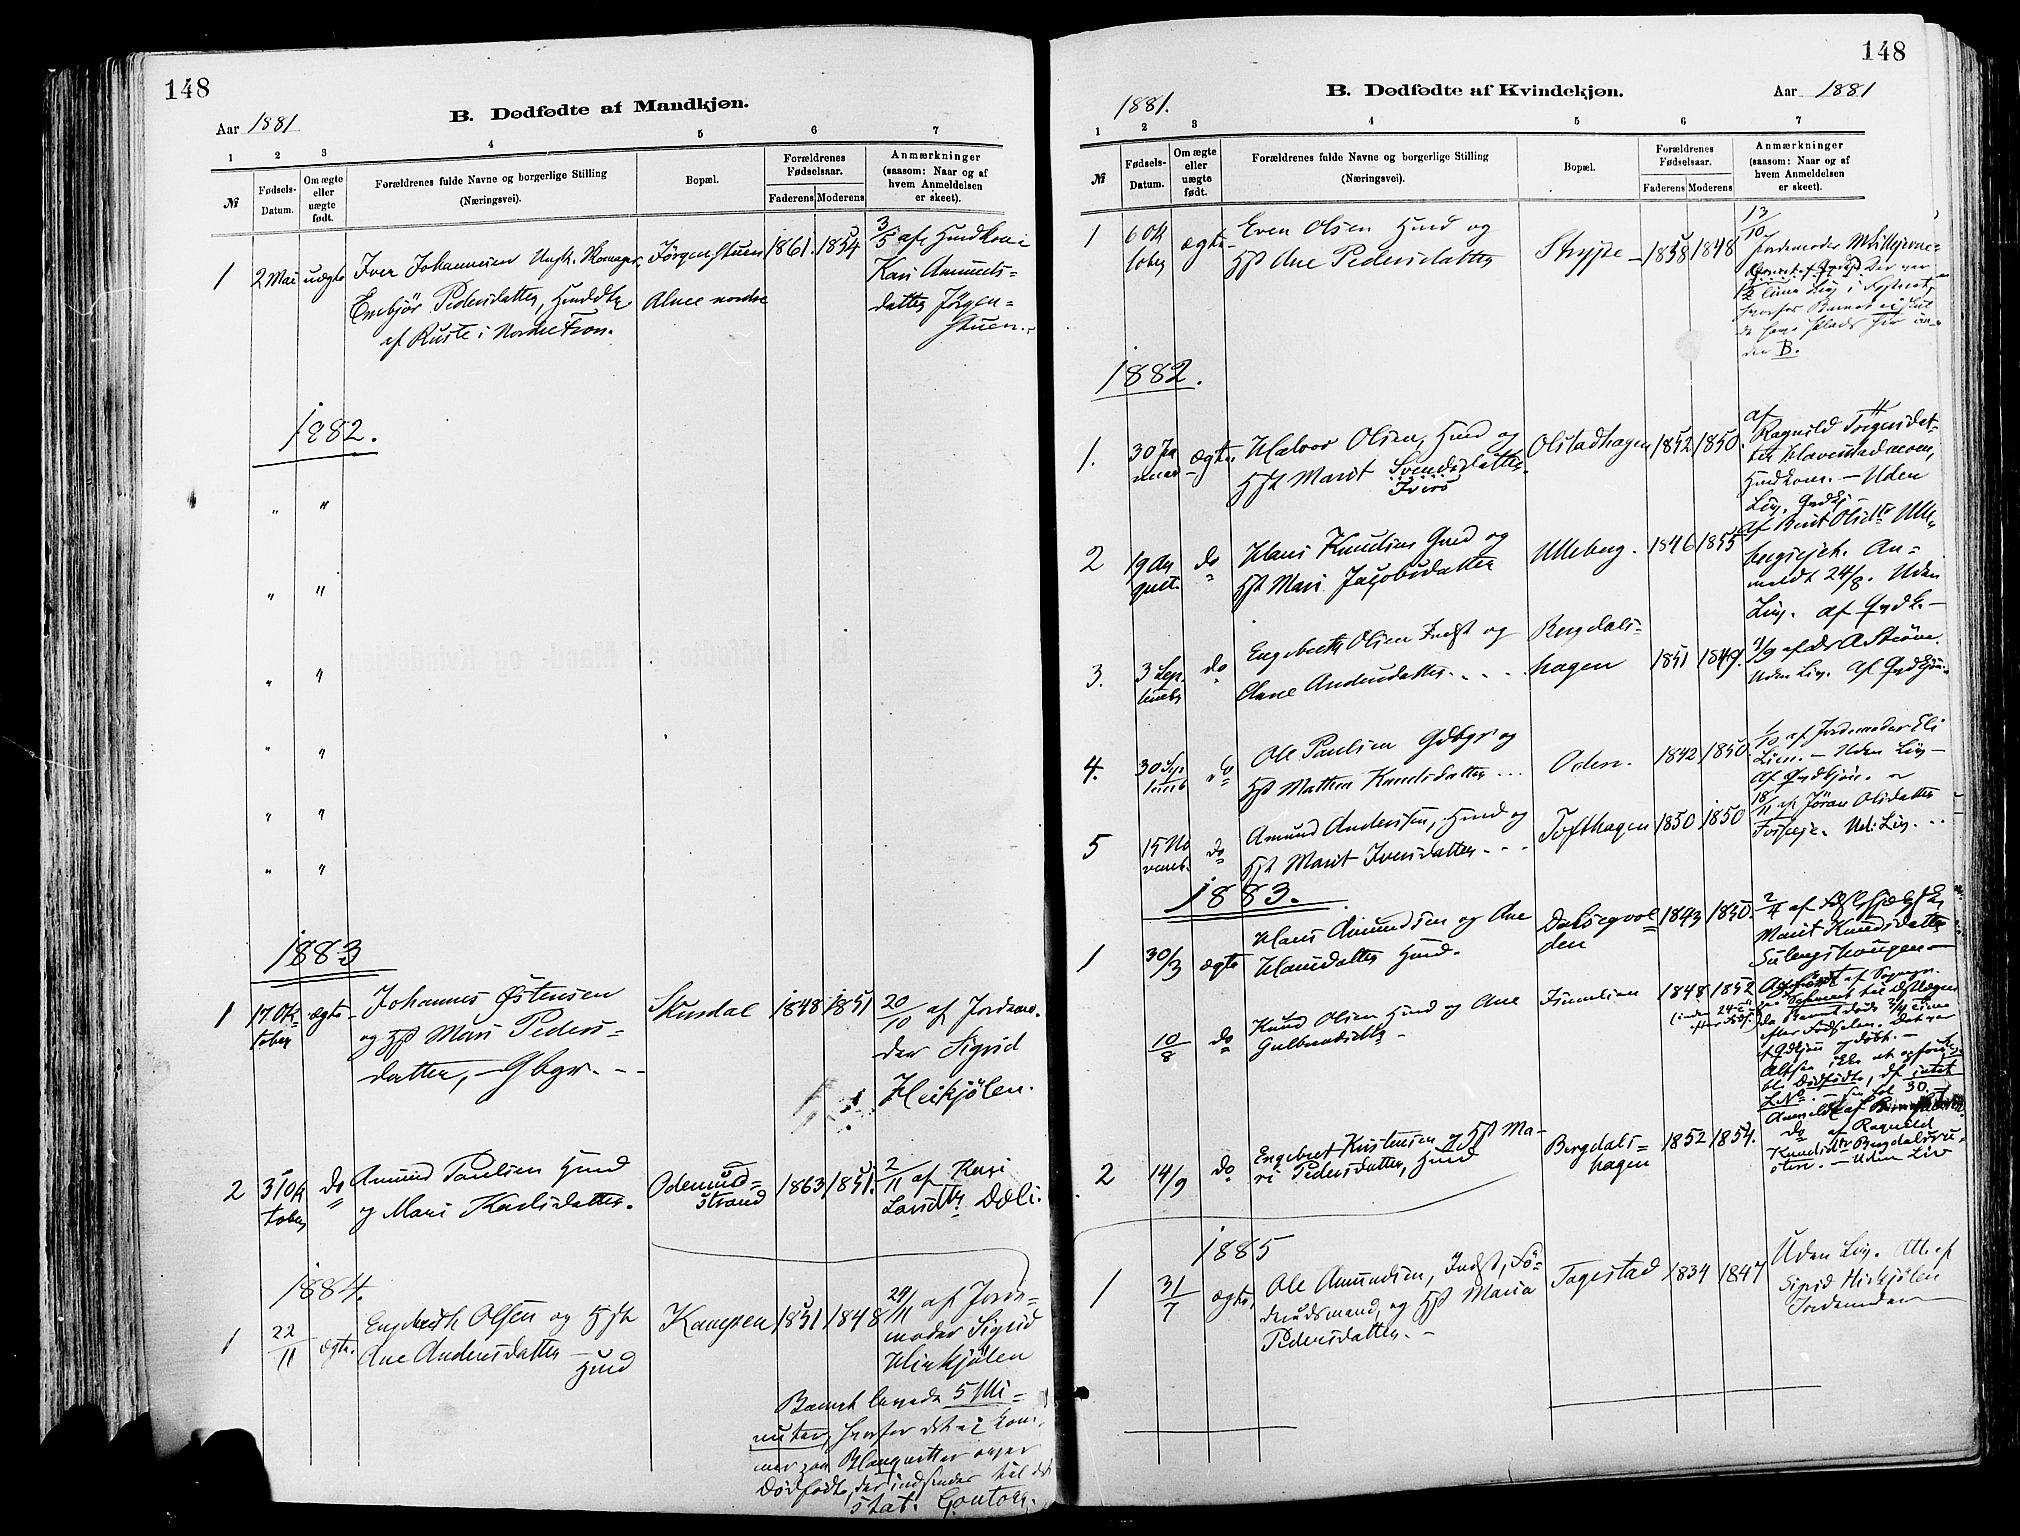 SAH, Sør-Fron prestekontor, H/Ha/Haa/L0003: Ministerialbok nr. 3, 1881-1897, s. 148